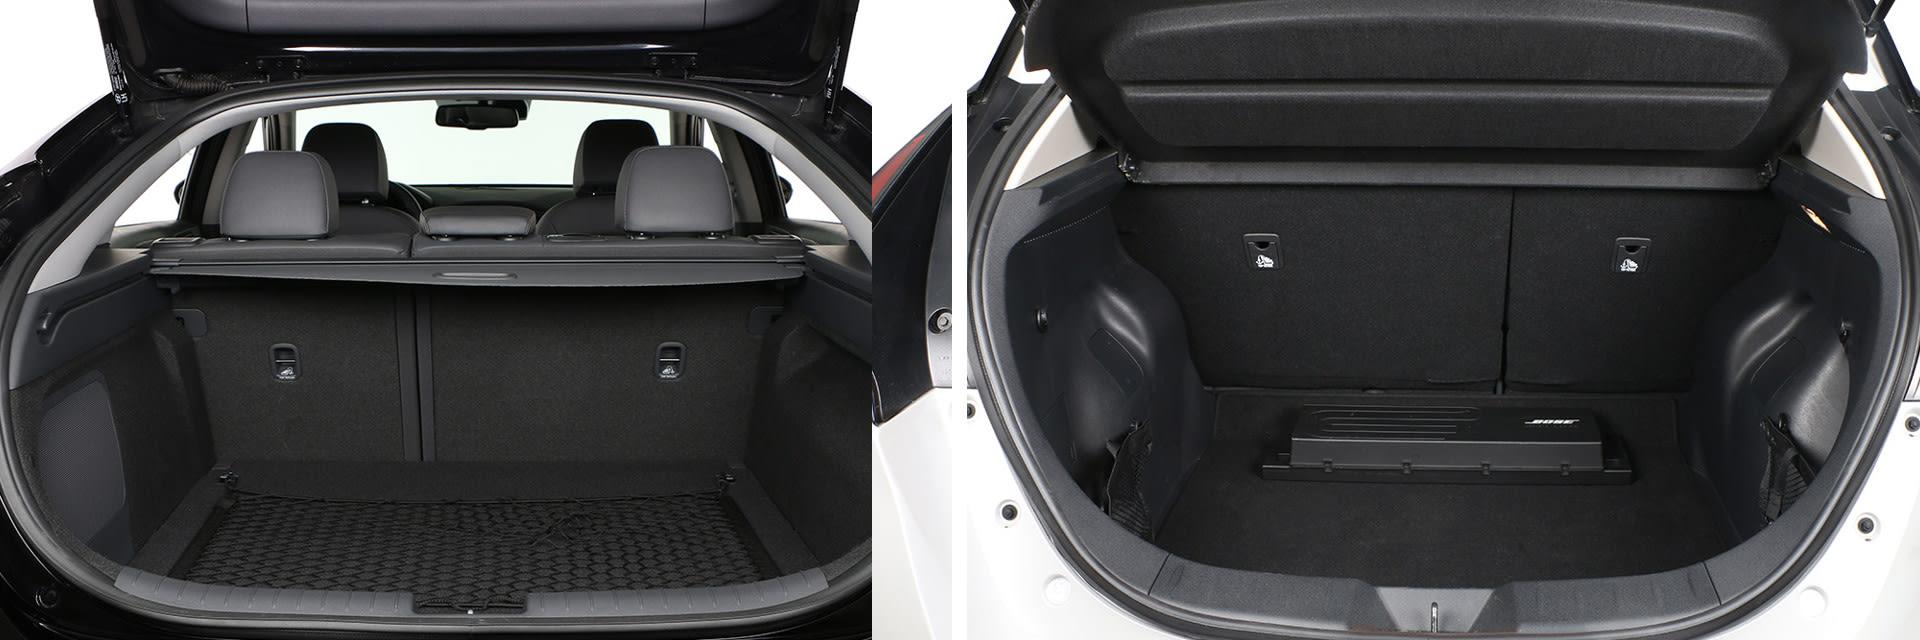 El maletero del Nissan Leaf (dcha.) tiene una capacidad de 400 litros; el del Hyundai (izq.) es de 350 litros.